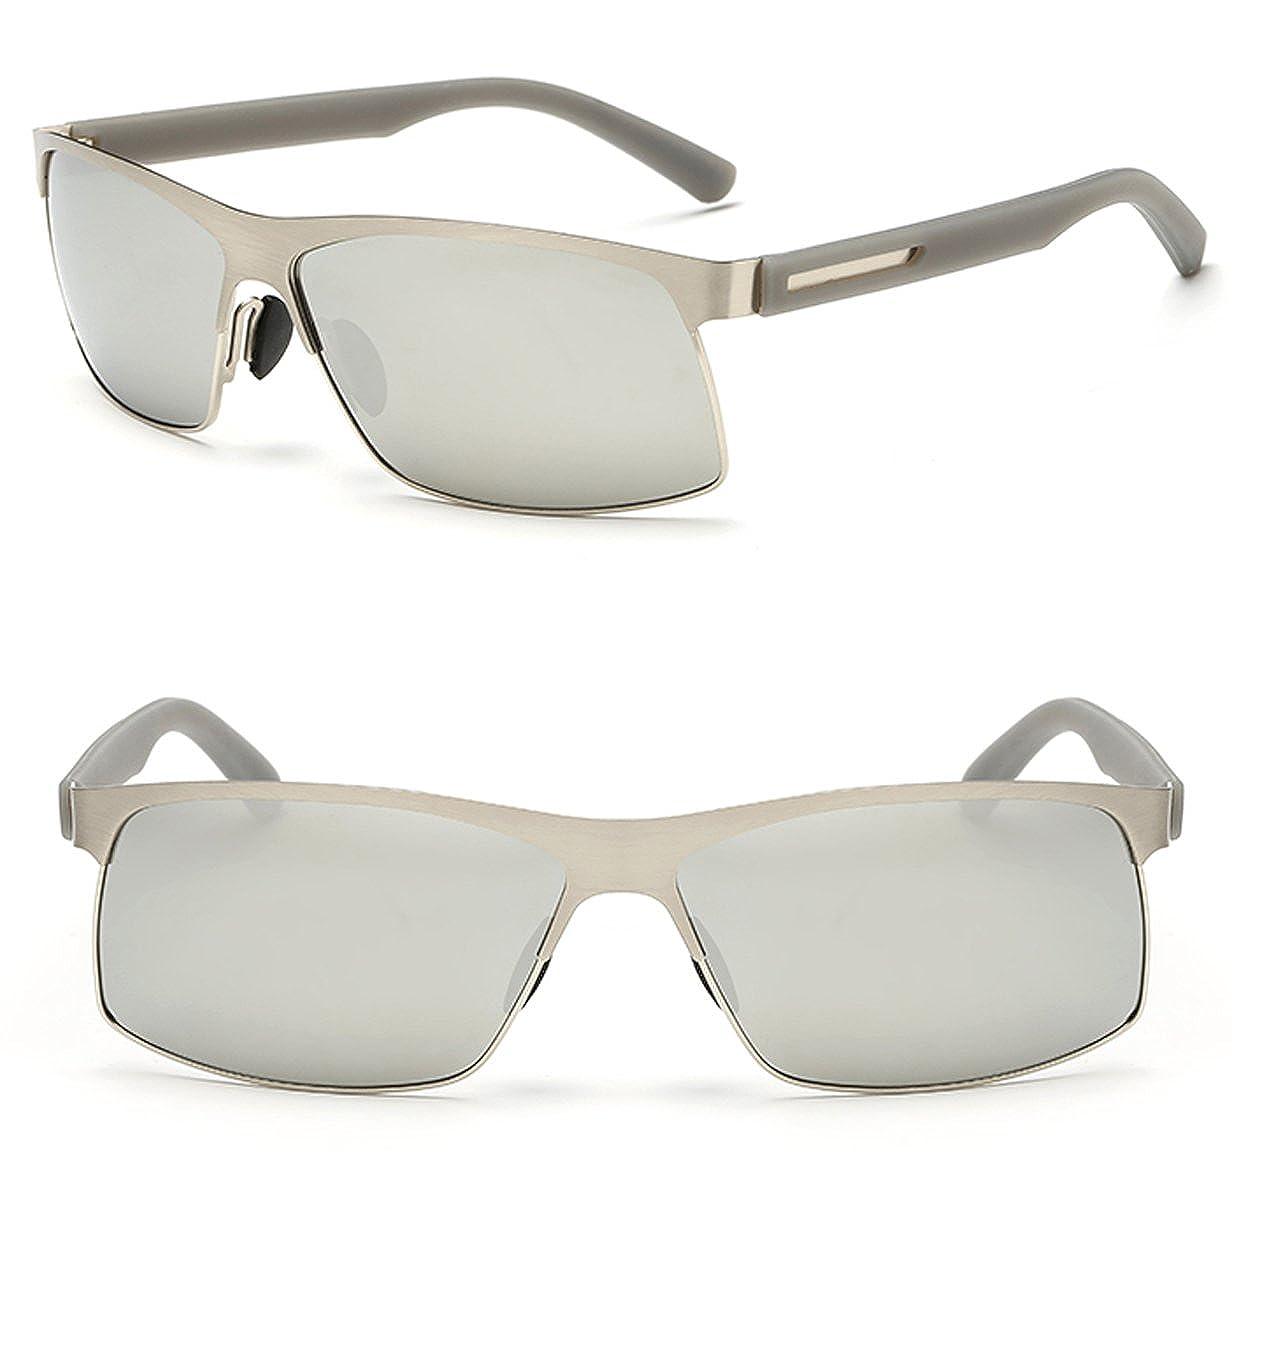 9f90fa1ae3 Marco de metal polarizadas de protección UV400 tac lentes Gafas de sol para  conducir: Amazon